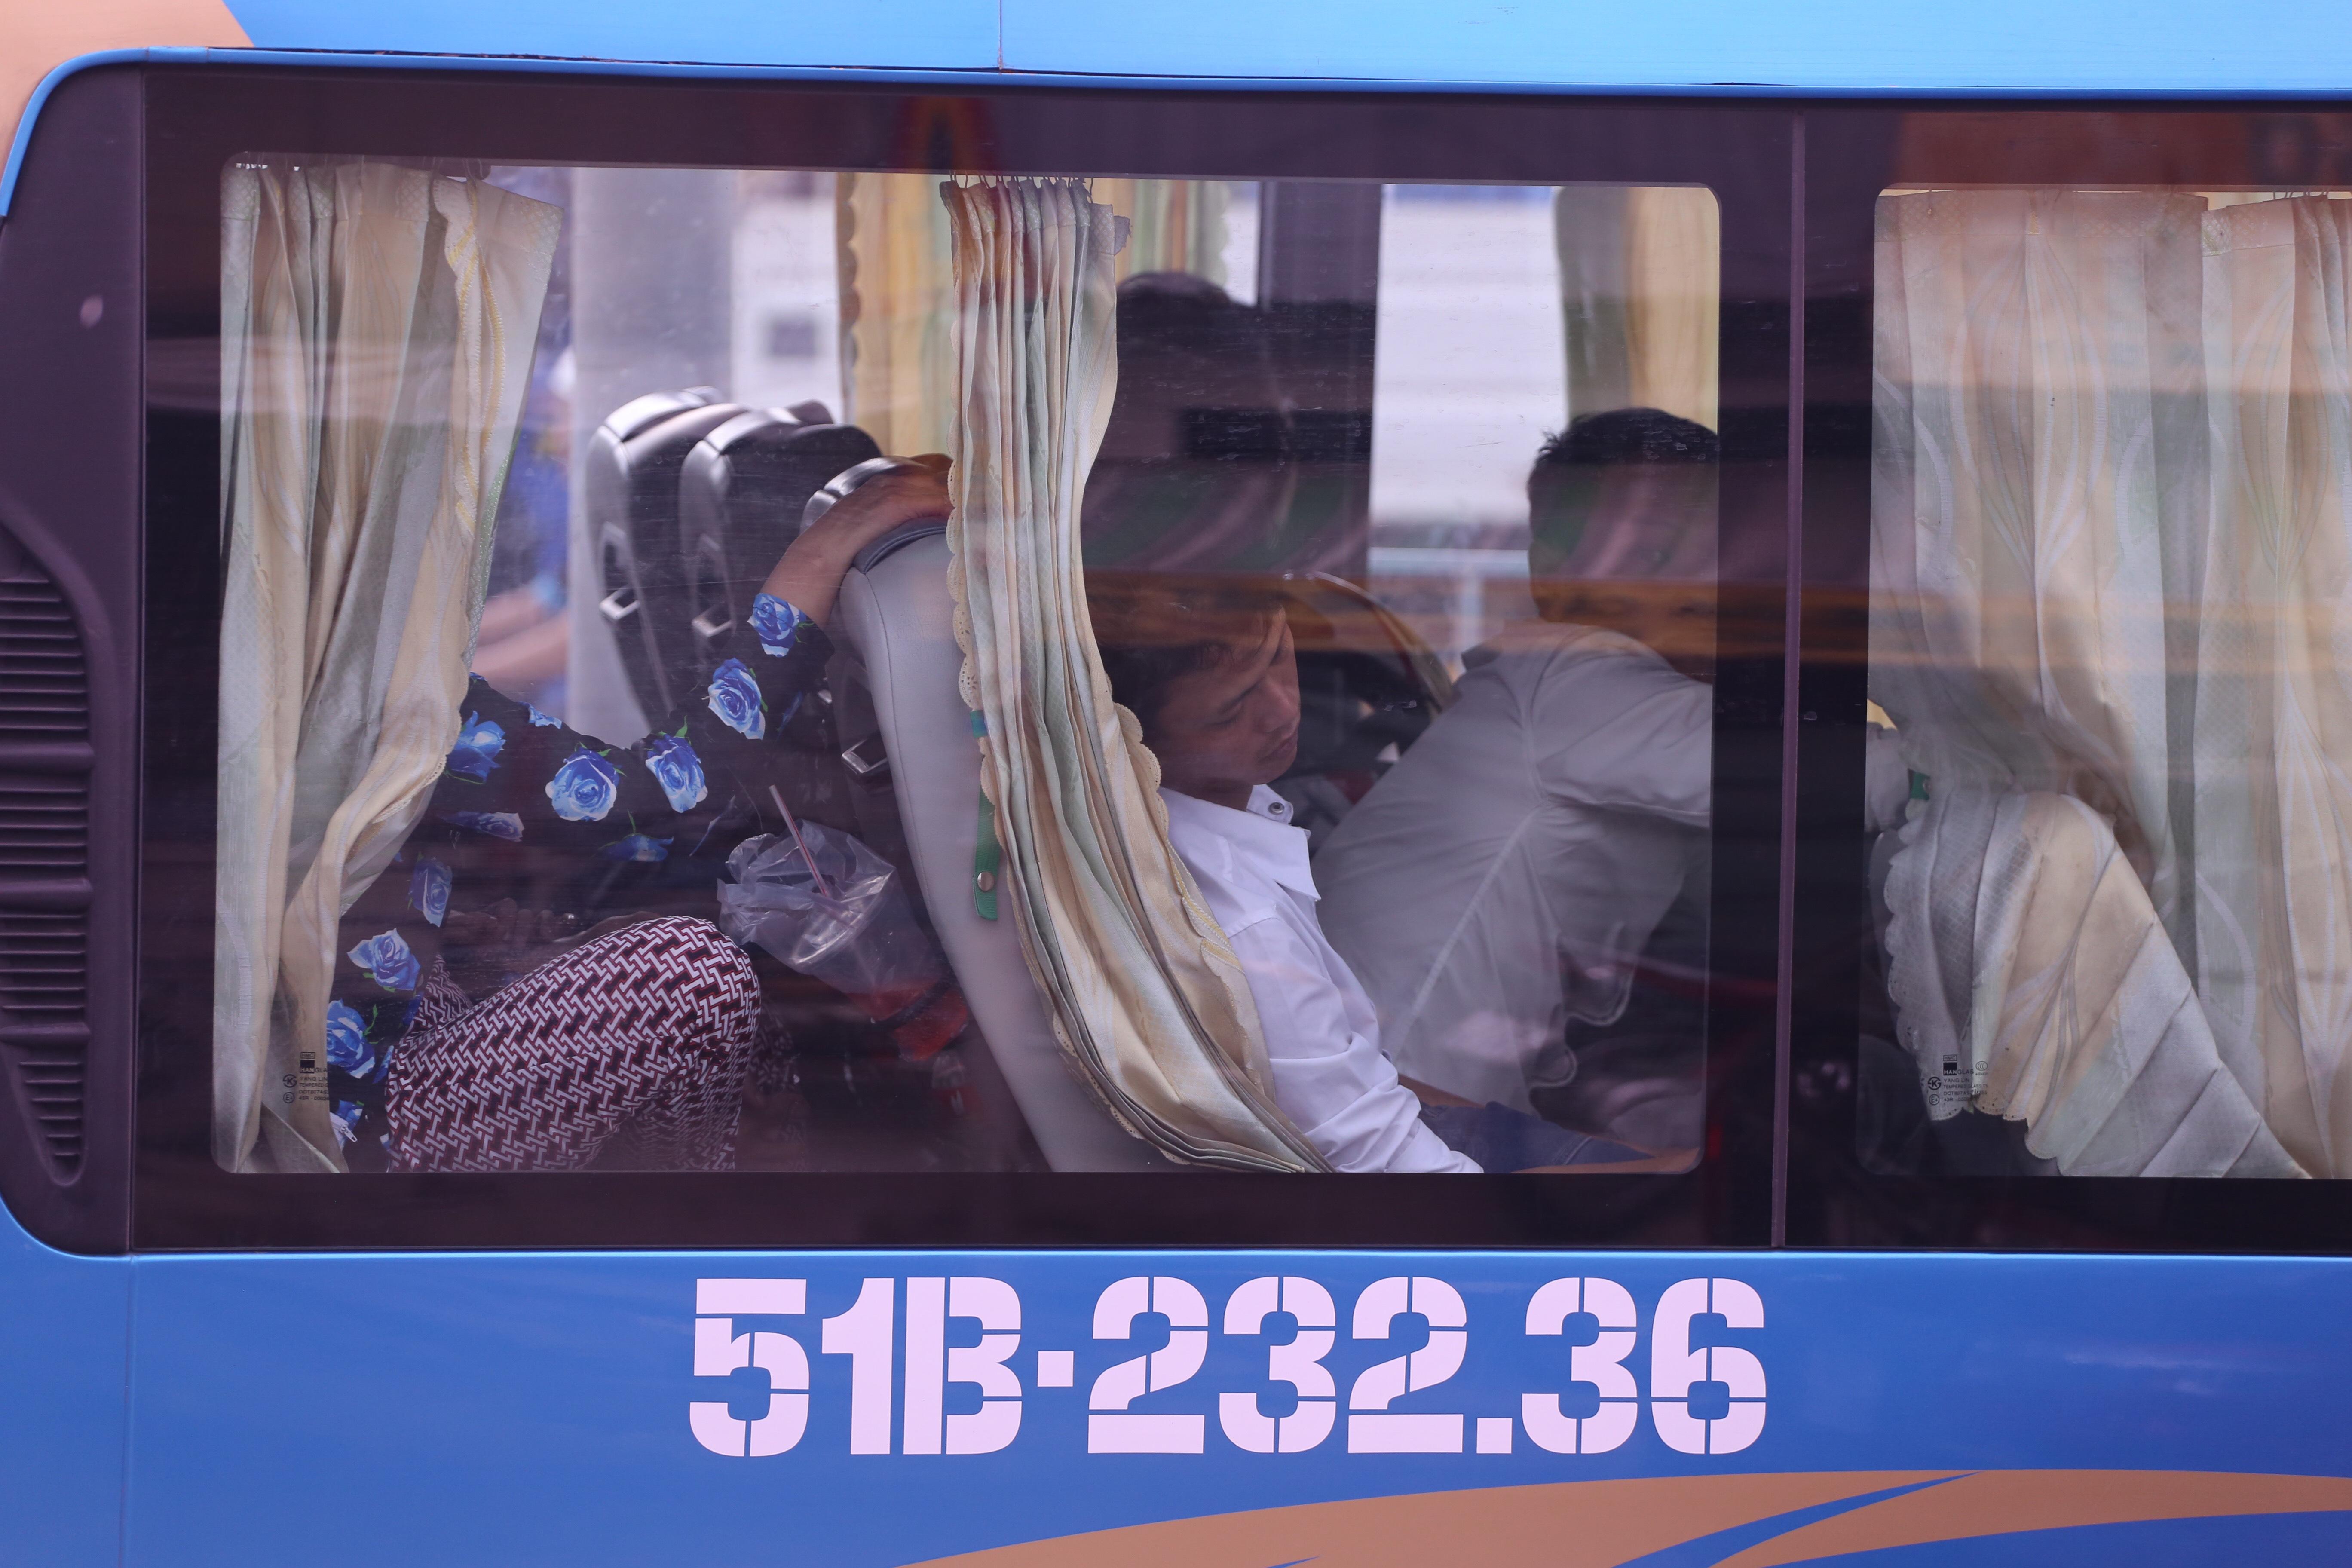 Kết thúc kỳ nghỉ lễ, người dân lỉnh kỉnh đồ đạc, mang theo trẻ nhỏ ùn ùn trở lại Hà Nội và Sài Gòn - Ảnh 22.